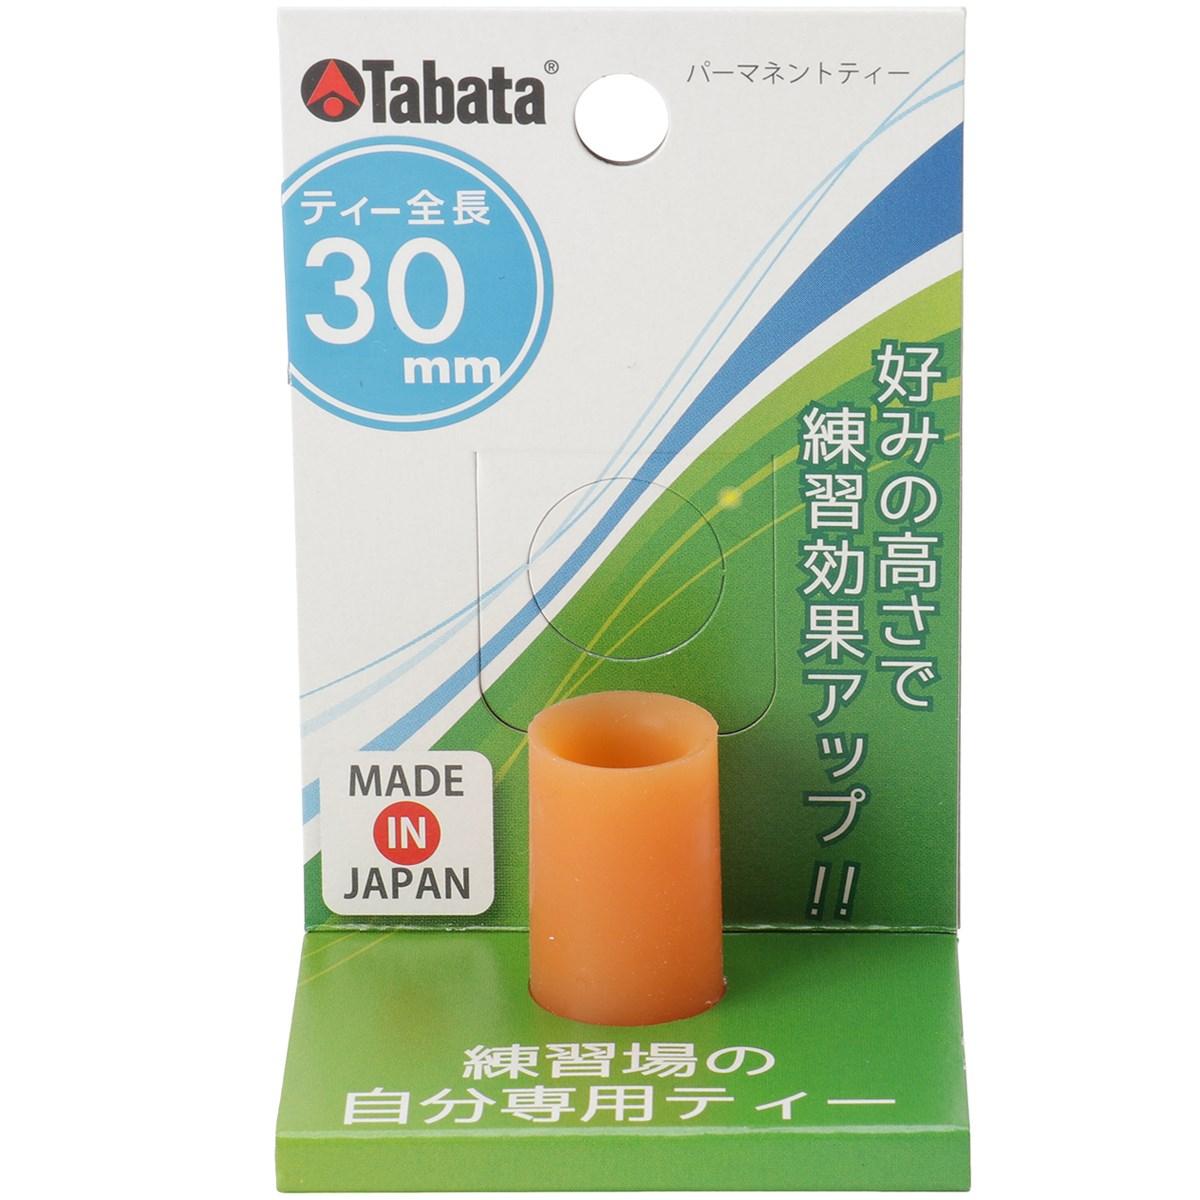 タバタ Tabata パーマネントティー GV S(高さ:3.0cm) ベージュ